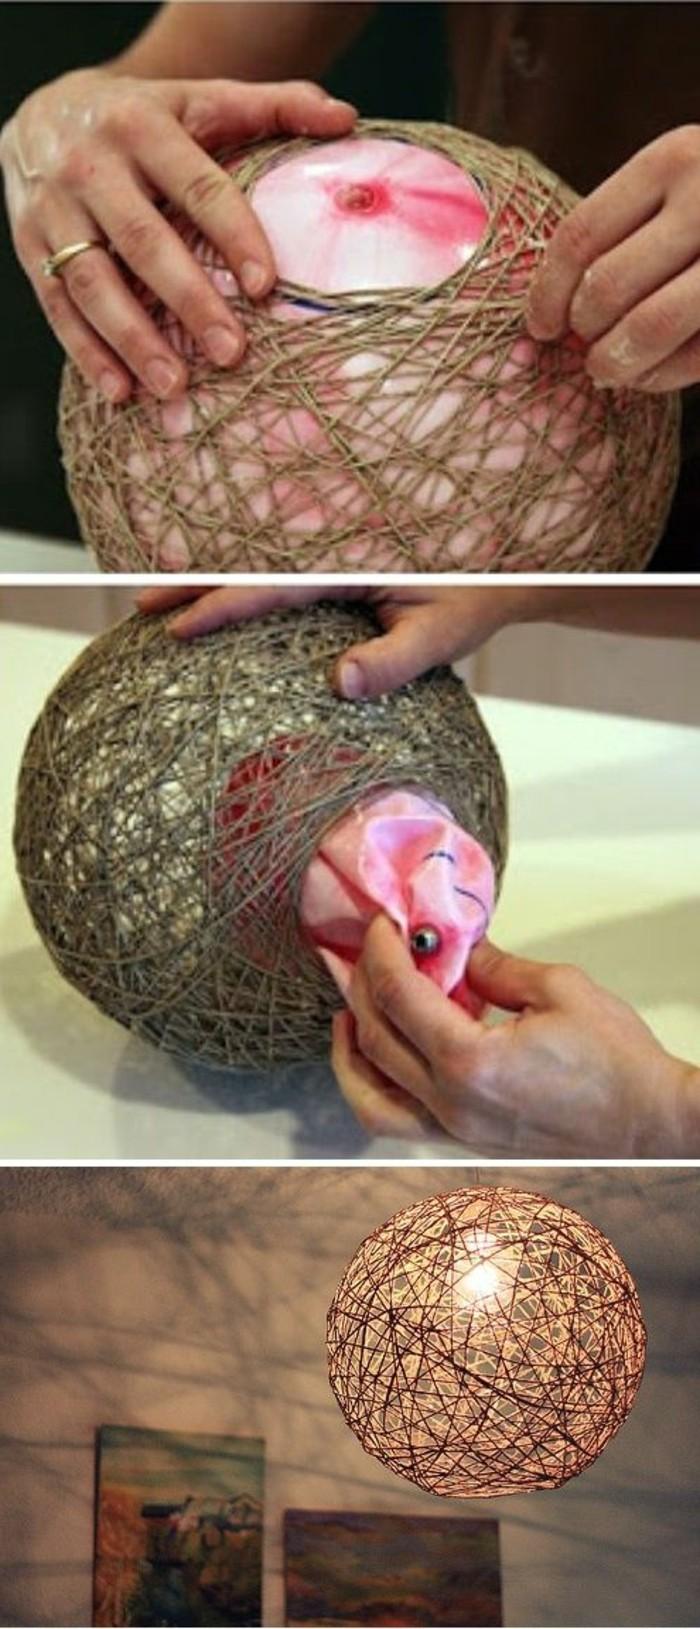 idee-comment-faire-un-abat-jour-avec-de-la-ficelle-enroulee-autour-d-un-ballon-et-amisonne